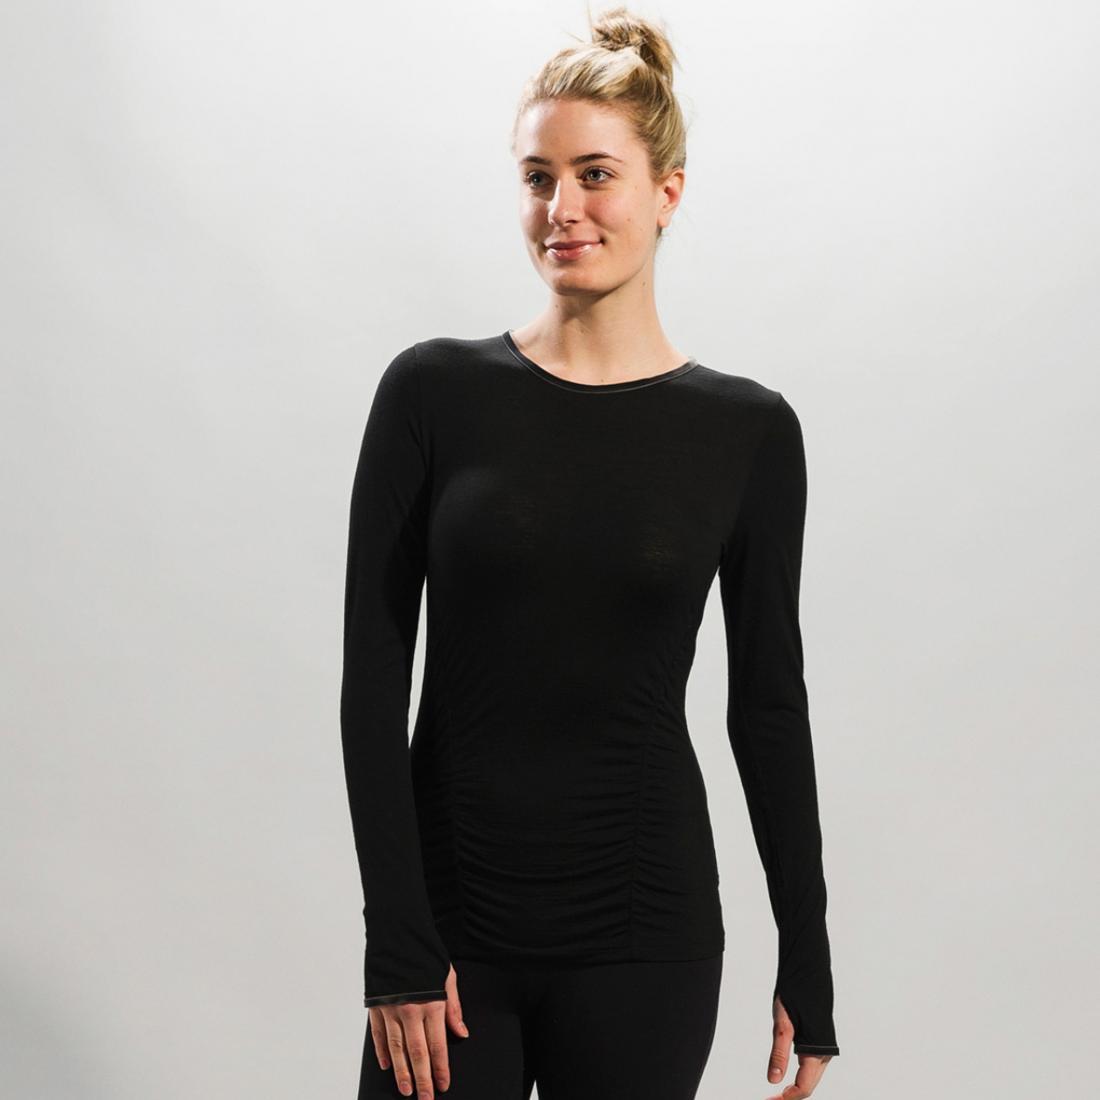 Топ LSW0752 PONDER 2 TOPФутболки, поло<br><br> Топ Ponder 2 Top LSW0752 – практичная футболка для девушек, которую можно использовать в качестве обычного лонгслива и нательного термобелья. Главным ее достоинством является материал – 100% шерсть мериноса, отличающаяся великолепными терморегулиру...<br><br>Цвет: Черный<br>Размер: XL